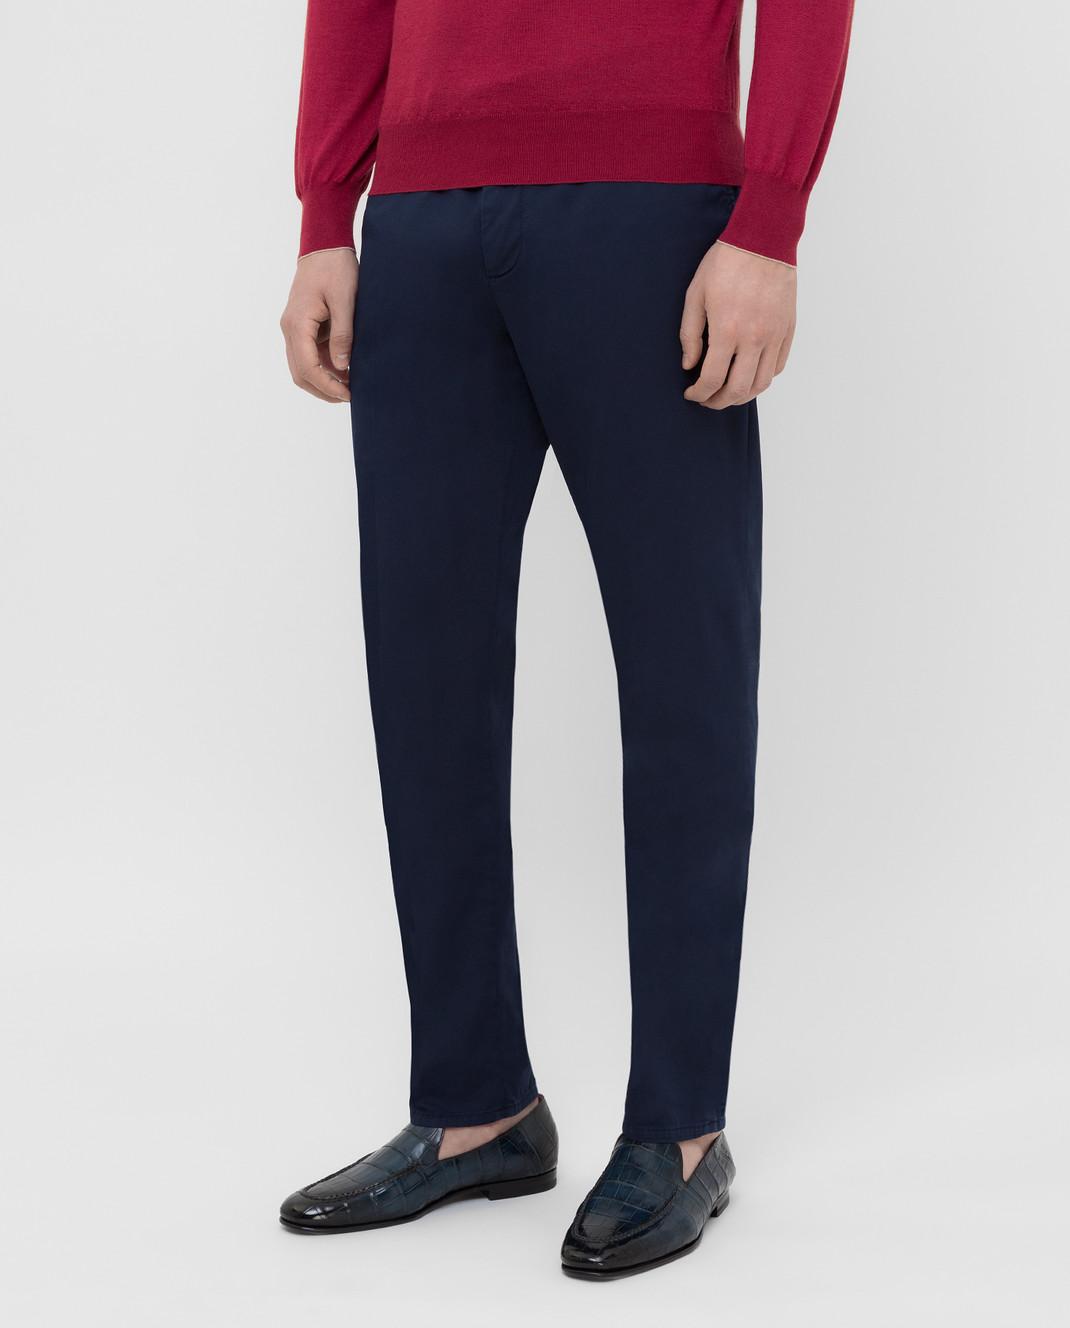 Brunello Cucinelli Темно-синие брюки с карманами M289LT1150 изображение 3